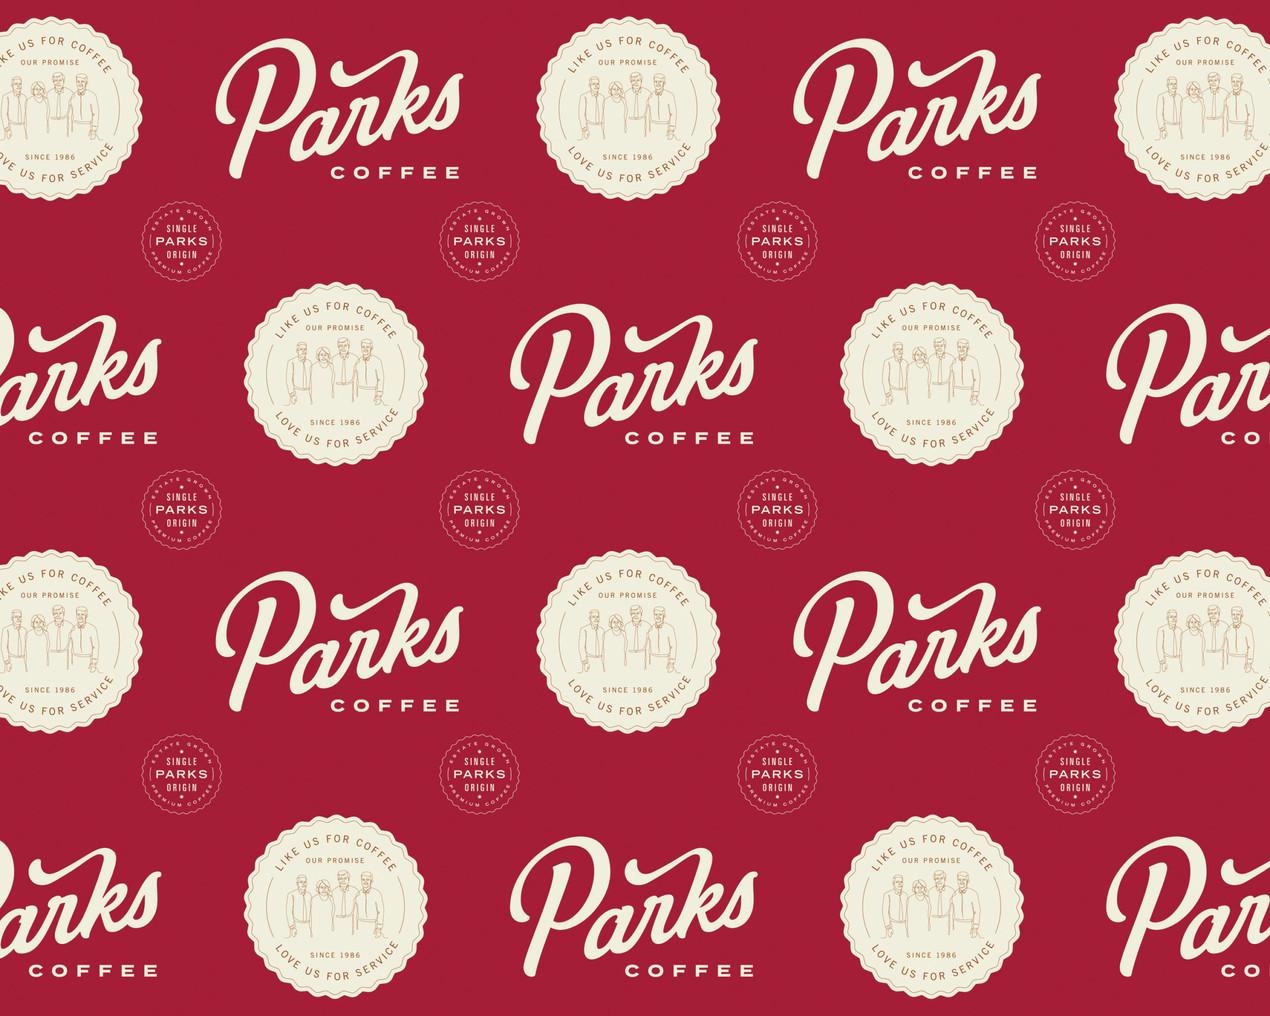 Parks Coffee Brand